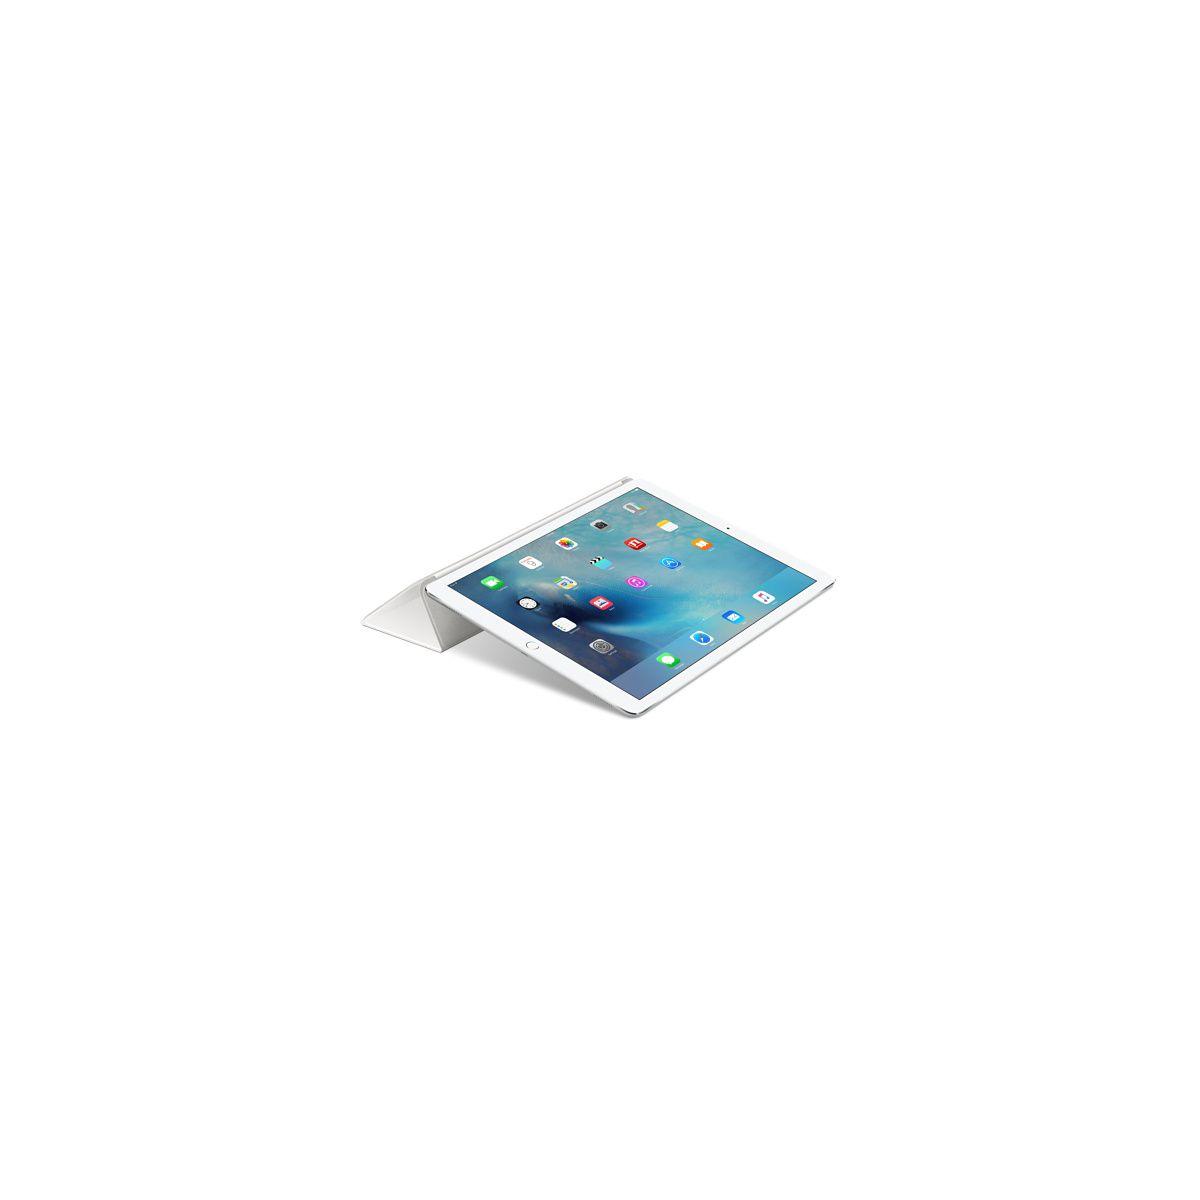 Coque apple ipad pro smart cover silicone blanc (photo)